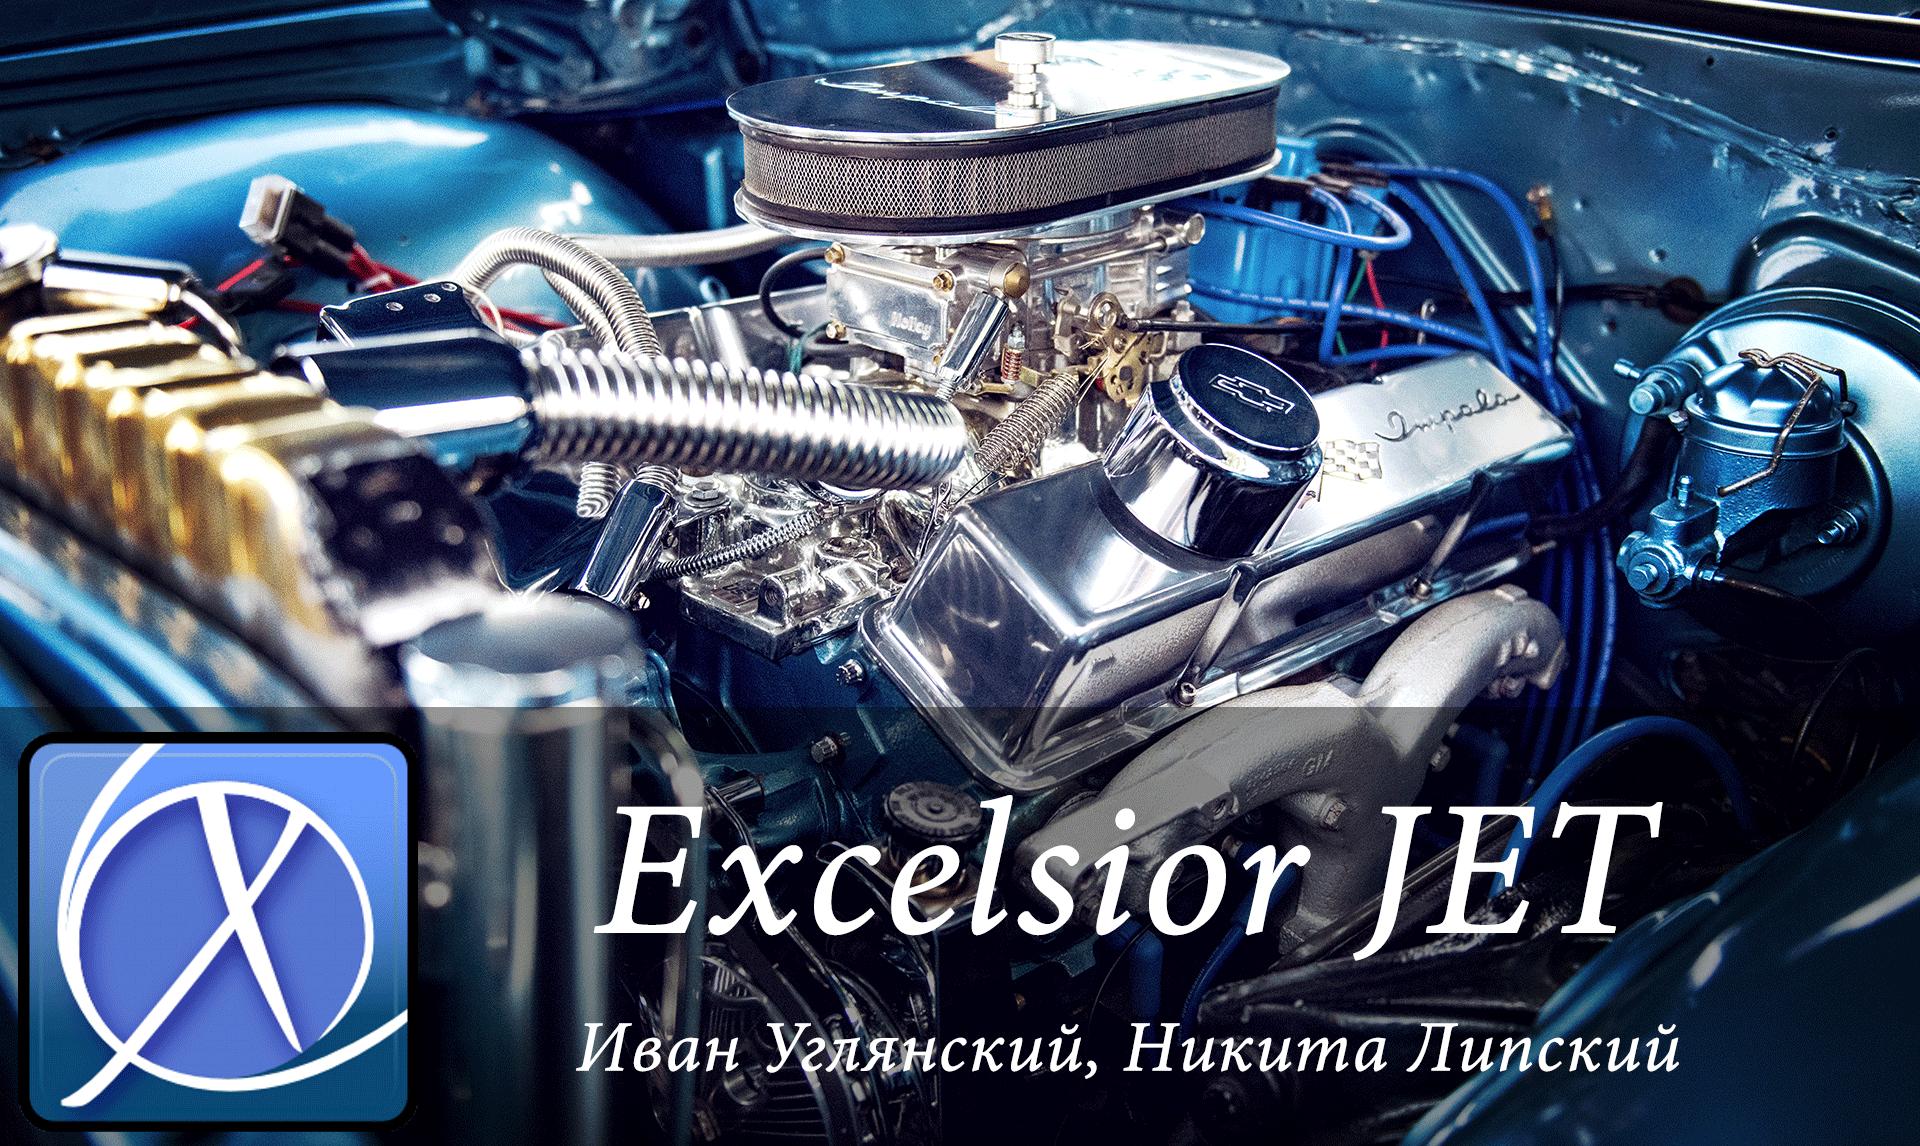 Суровая сибирская JVM: большое интервью об Excelsior JET - 1